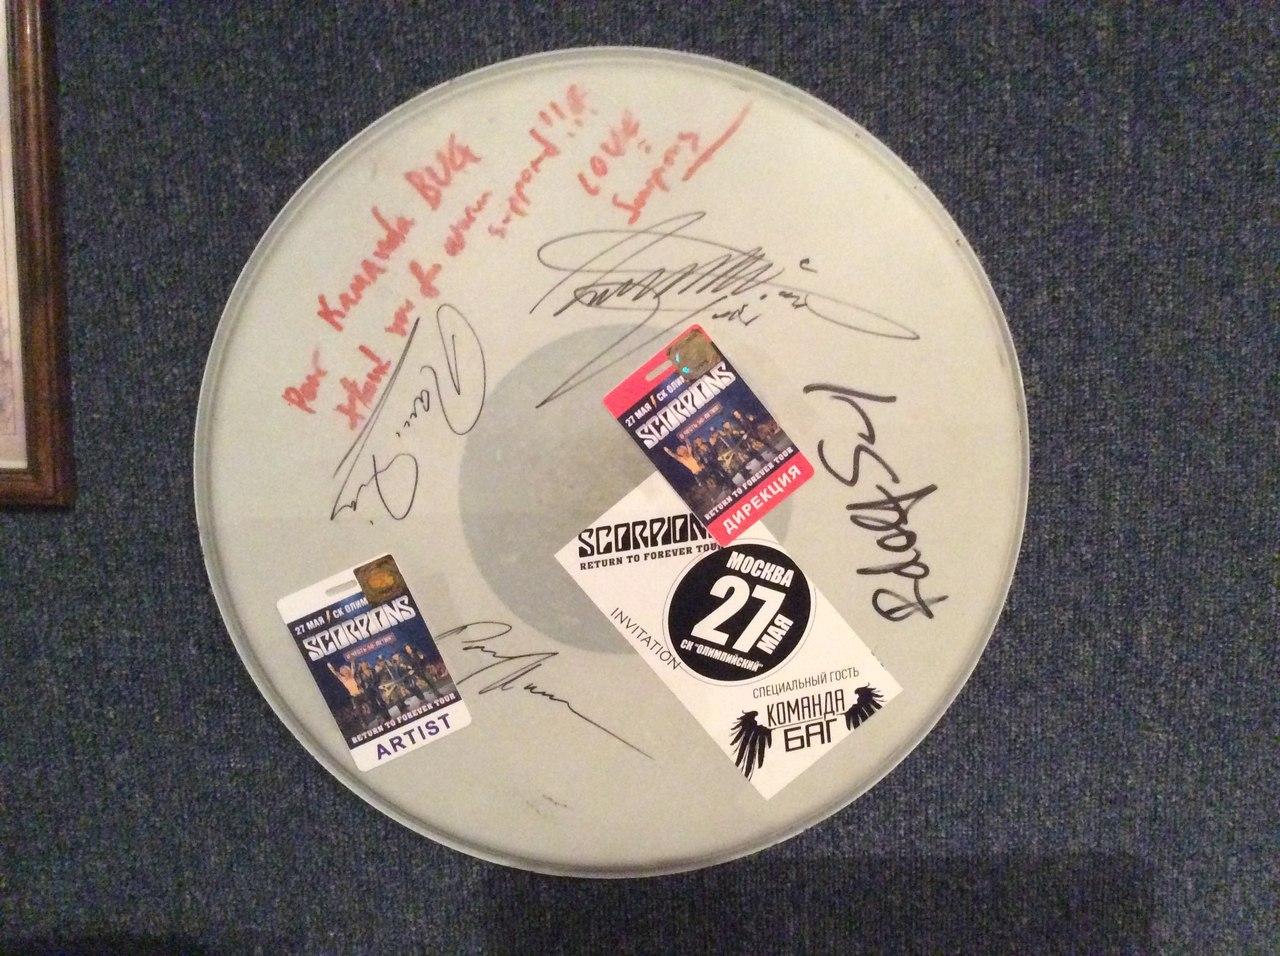 Автографы и пожелания на барабане от группы Scorpions для Команды БАГ